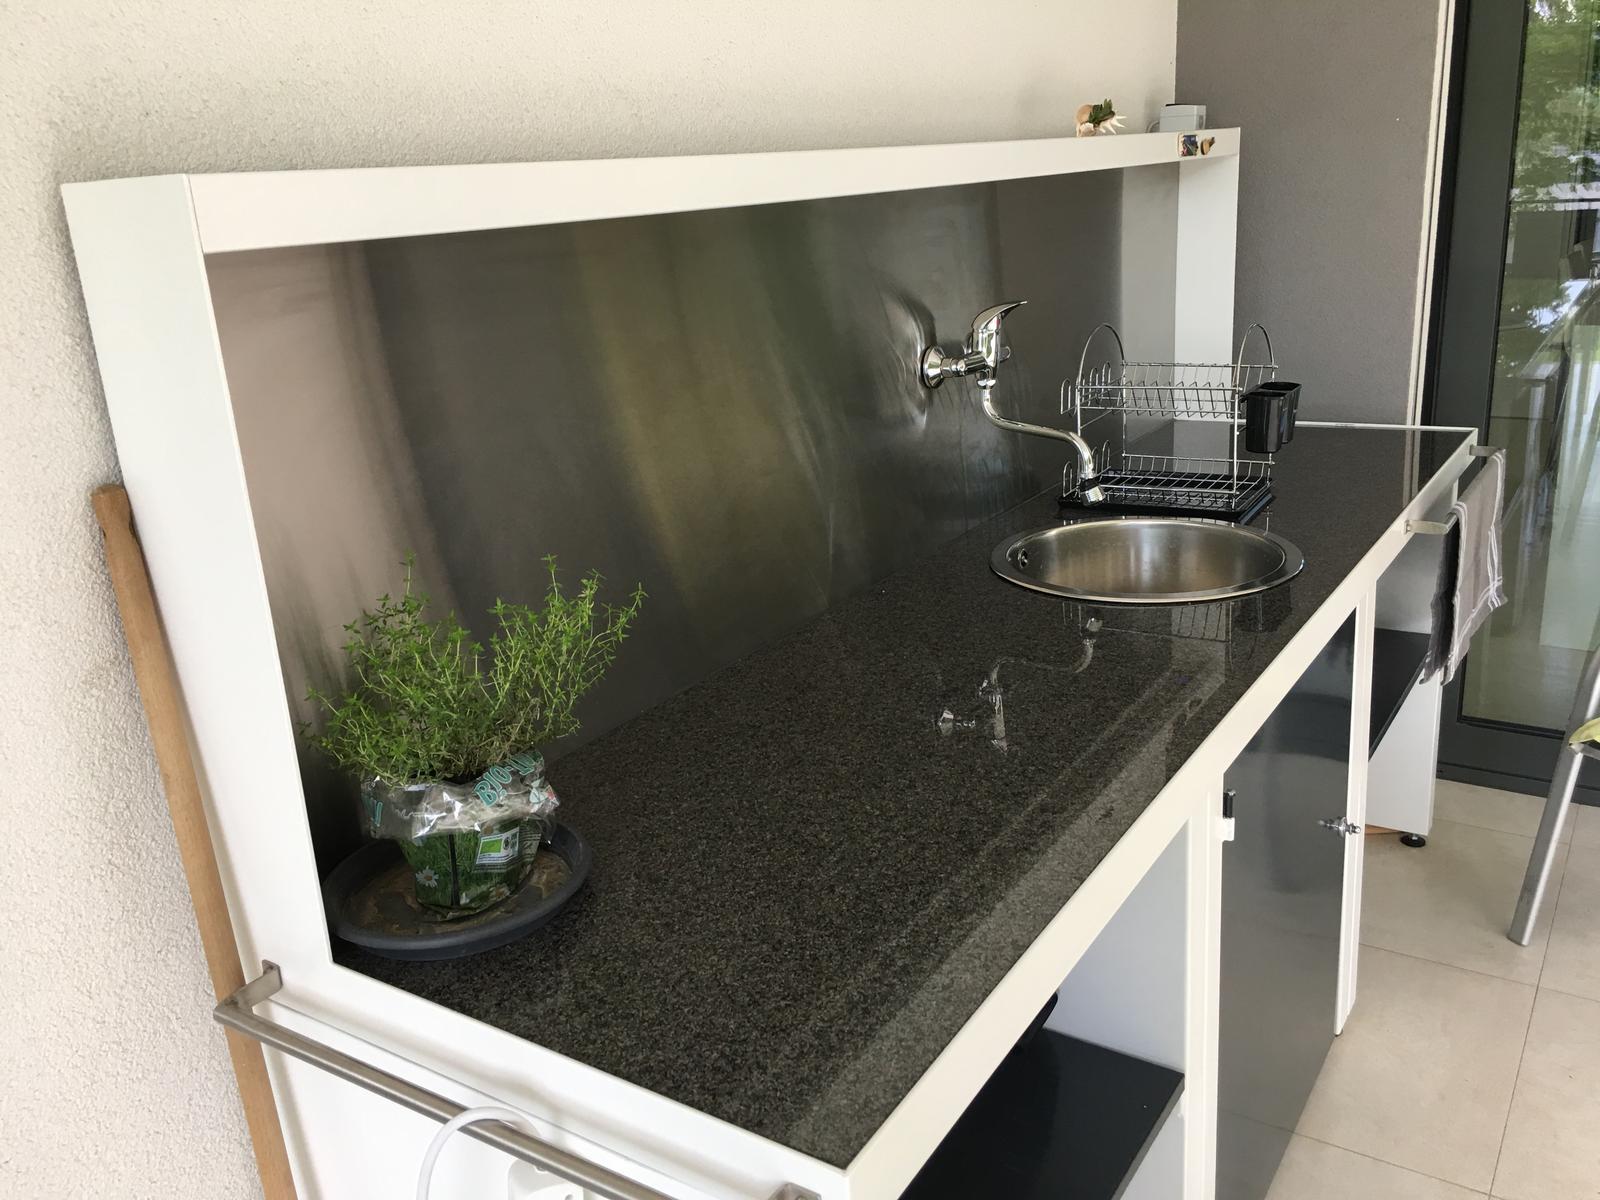 Letna kuchyna & kvety na terase - Obrázok č. 2